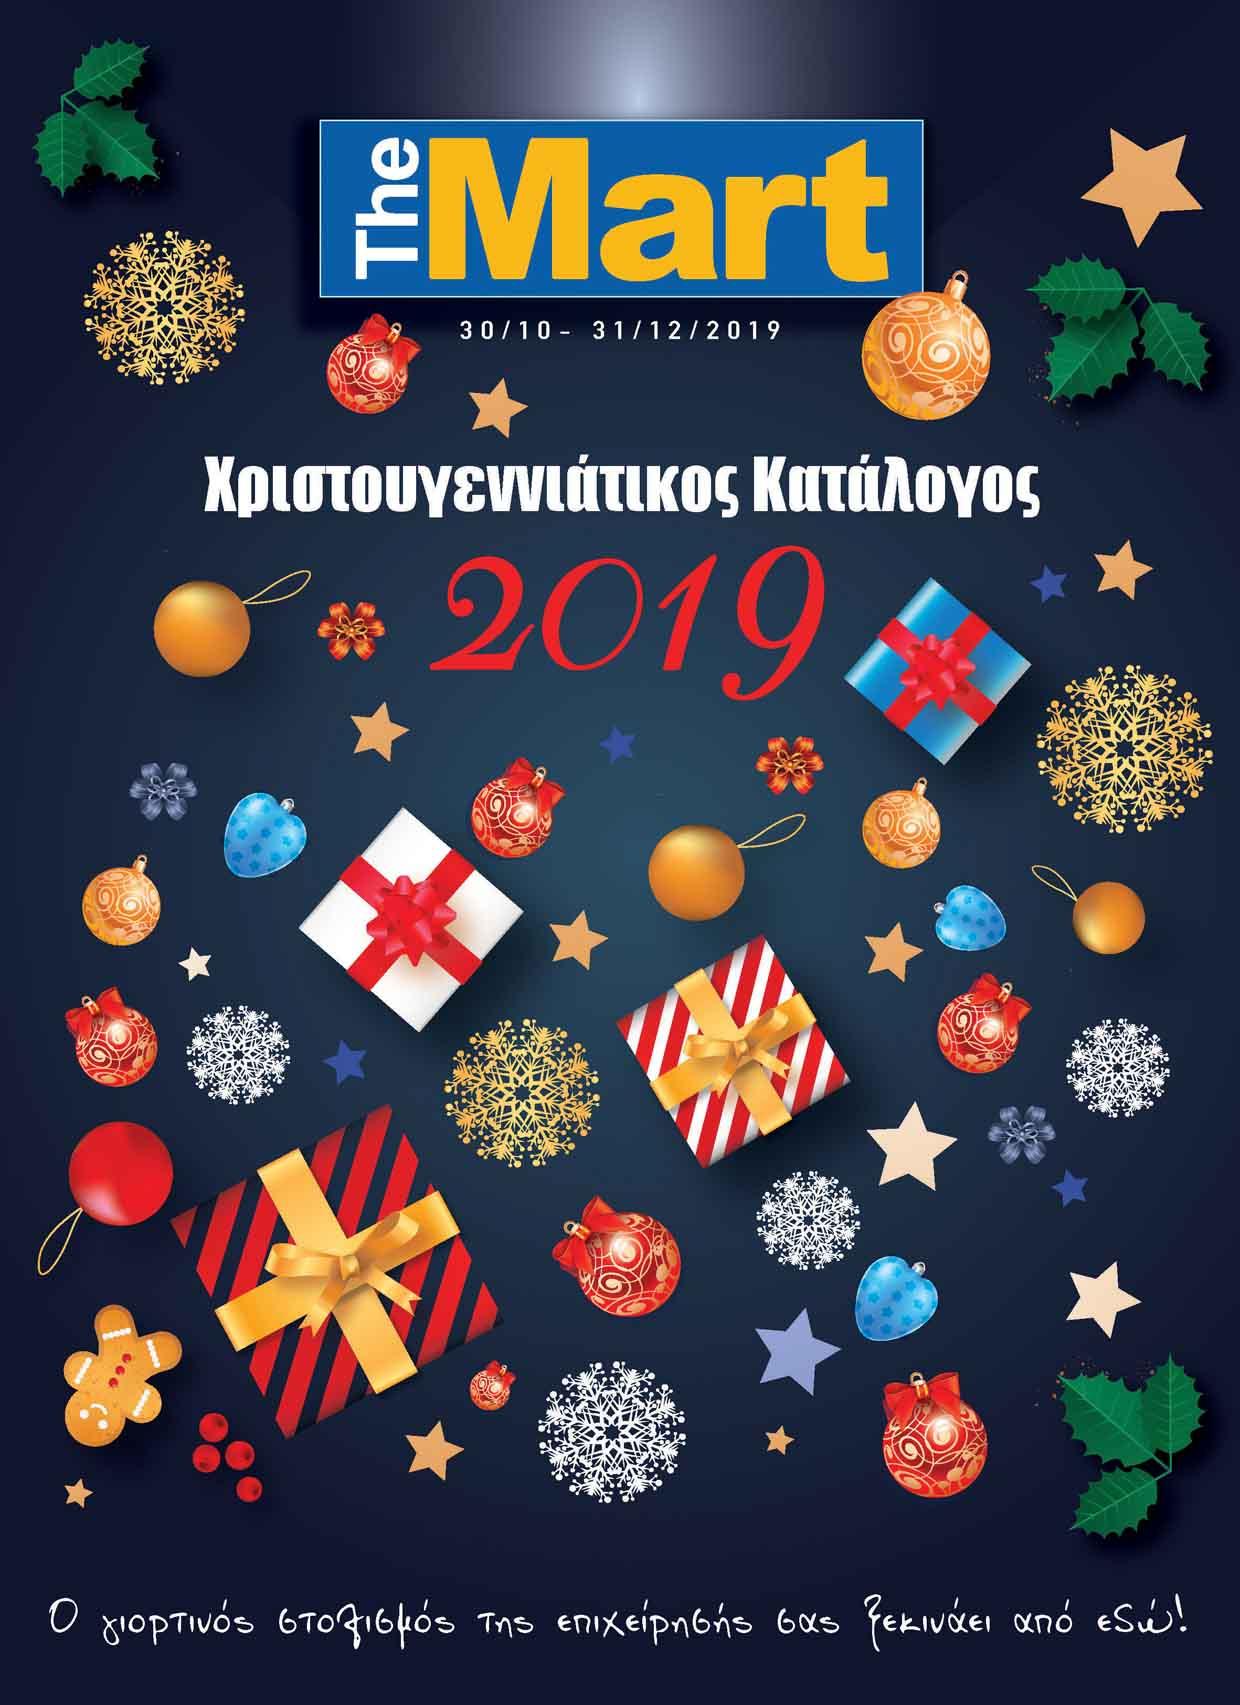 themart-fylladio-xristougenna-2019-prosfores-xristougenniatika-katalogos_(1)